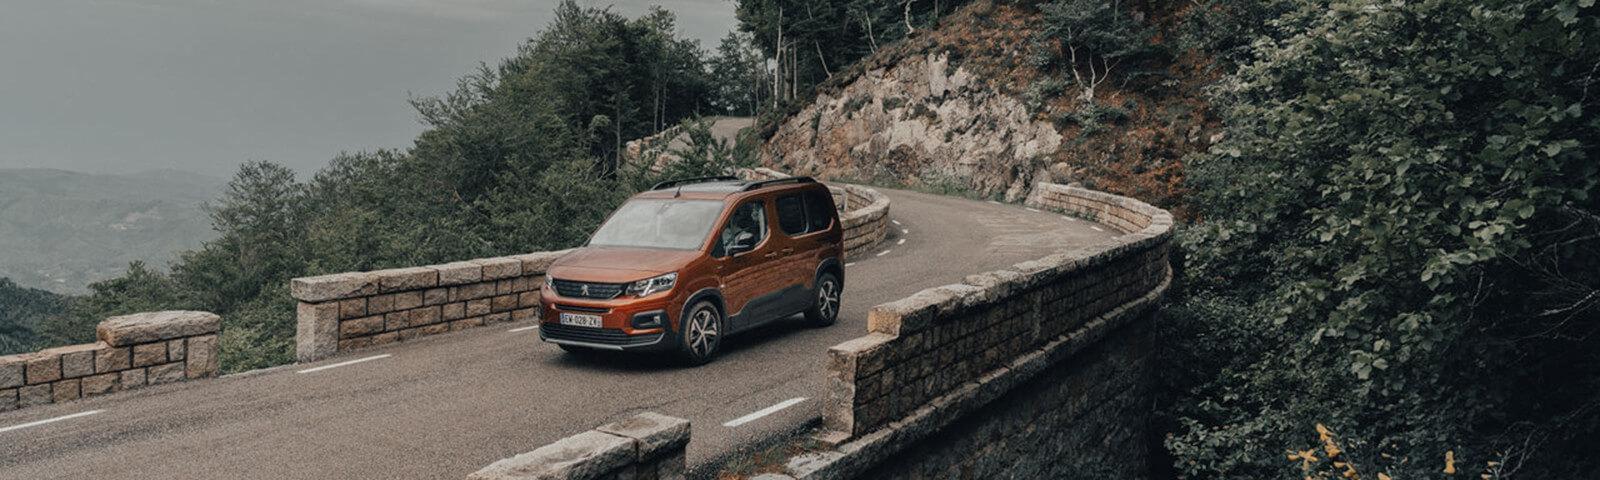 El Nuevo Peugeot Rifter, listo para su primer invierno